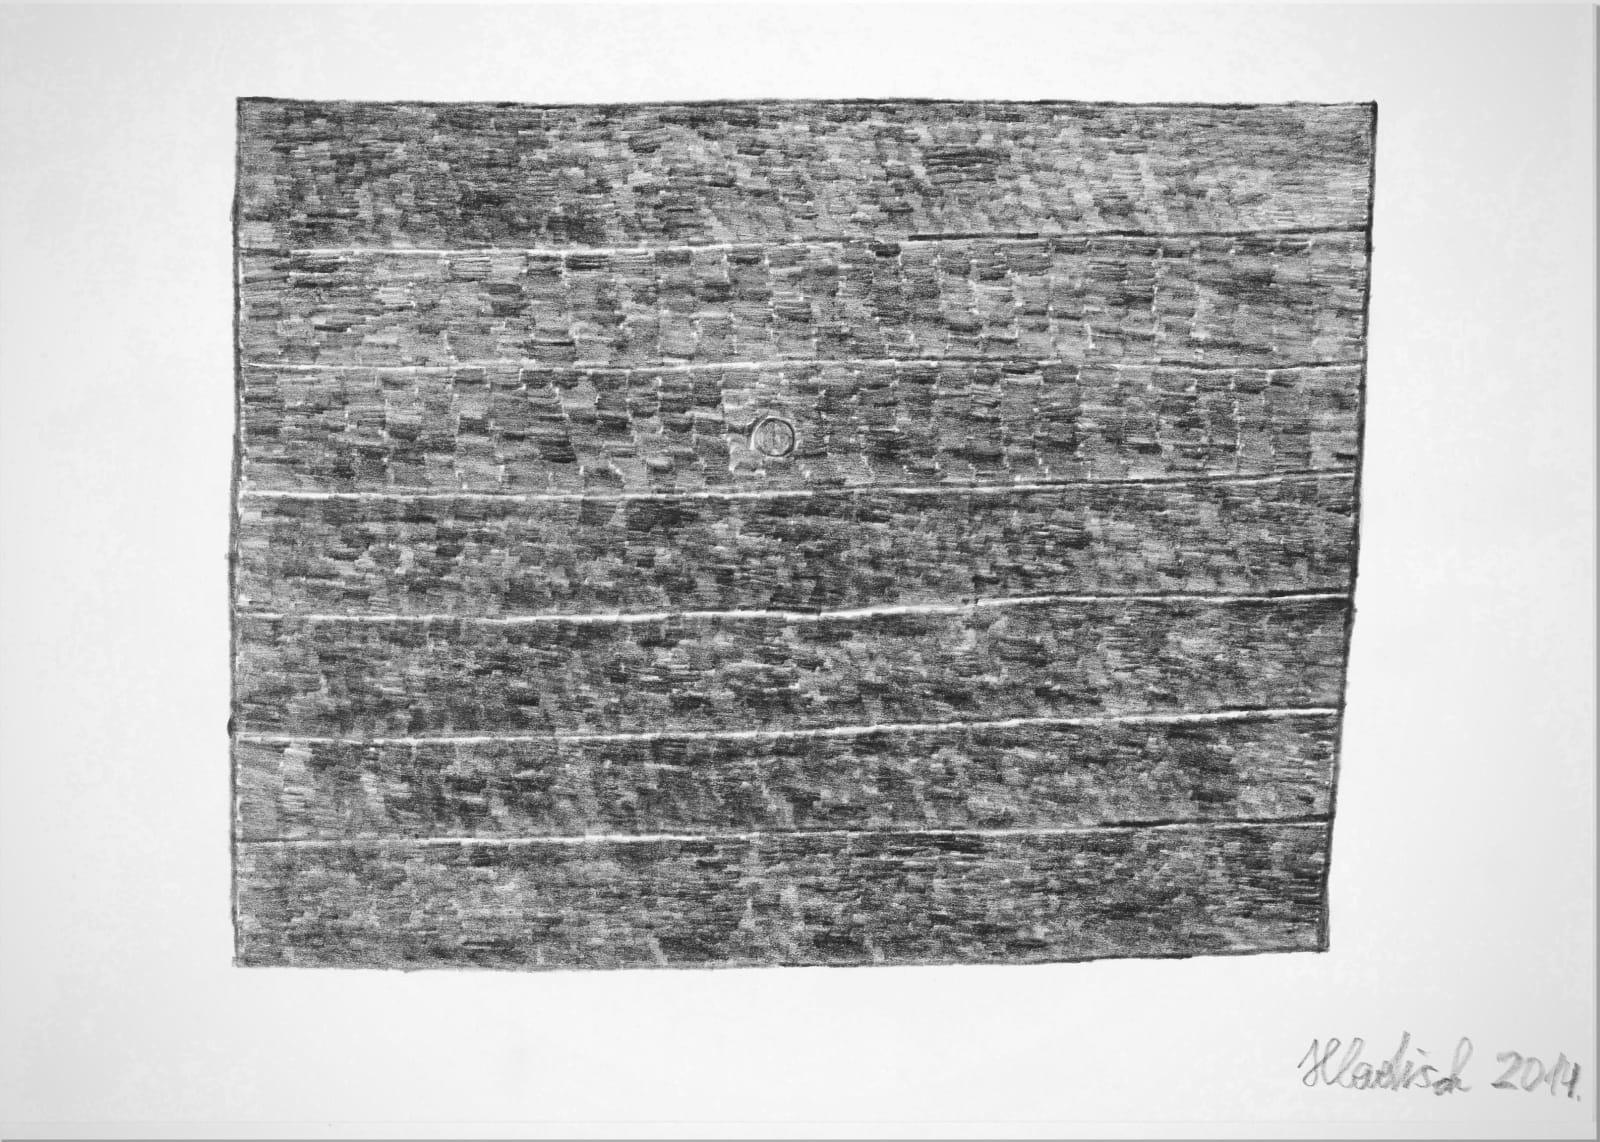 Shoe box, 2014 Graphite on paper 8.3 x 11.7 in. (21 x 29.7 cm.) (HH 10) $3,000